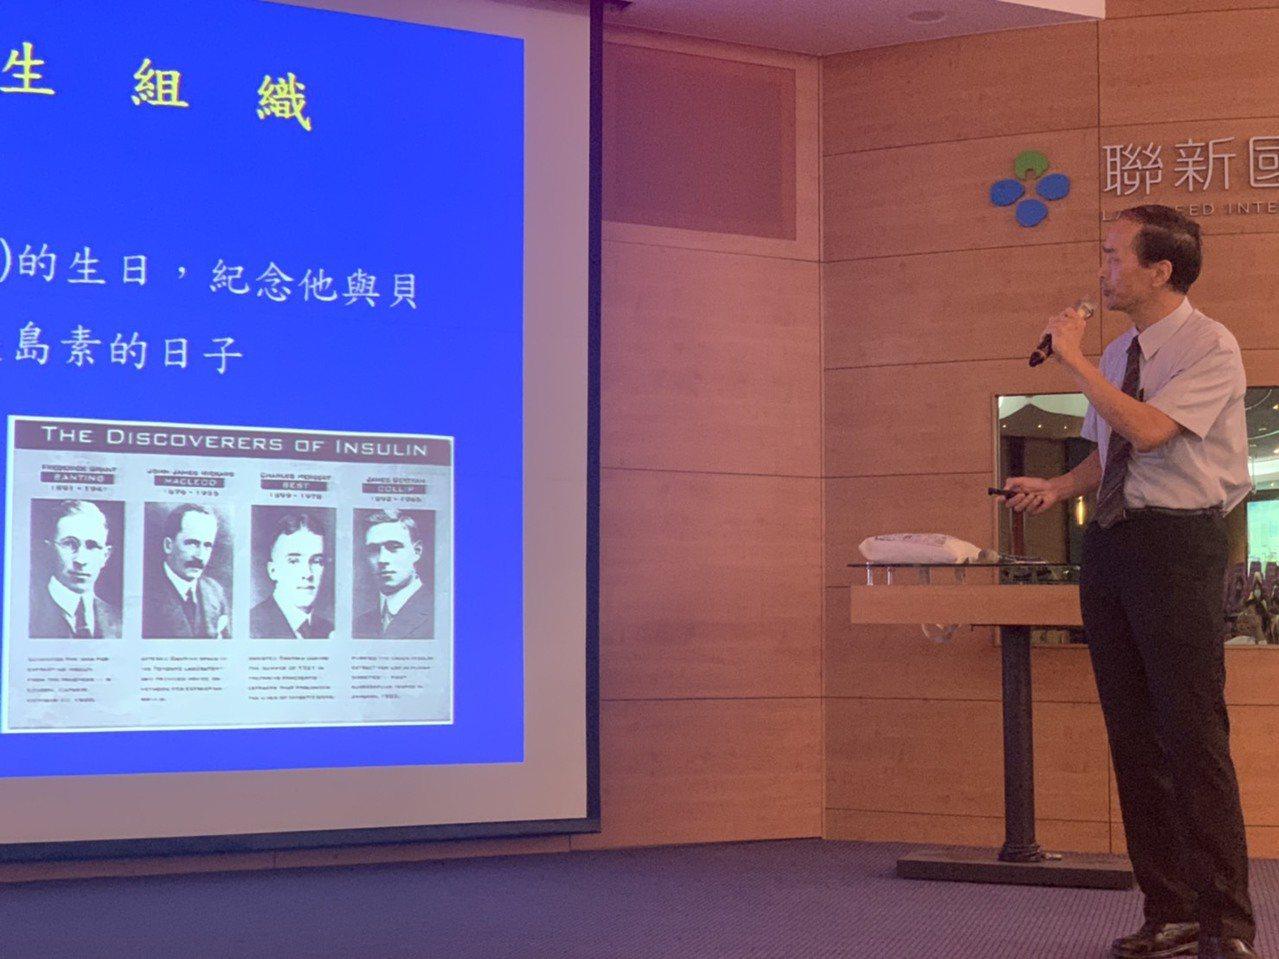 聯新國際醫院糖尿病整合照護中心主任李麒麟分享指出,失智症不是單一疾病,而是一群症...